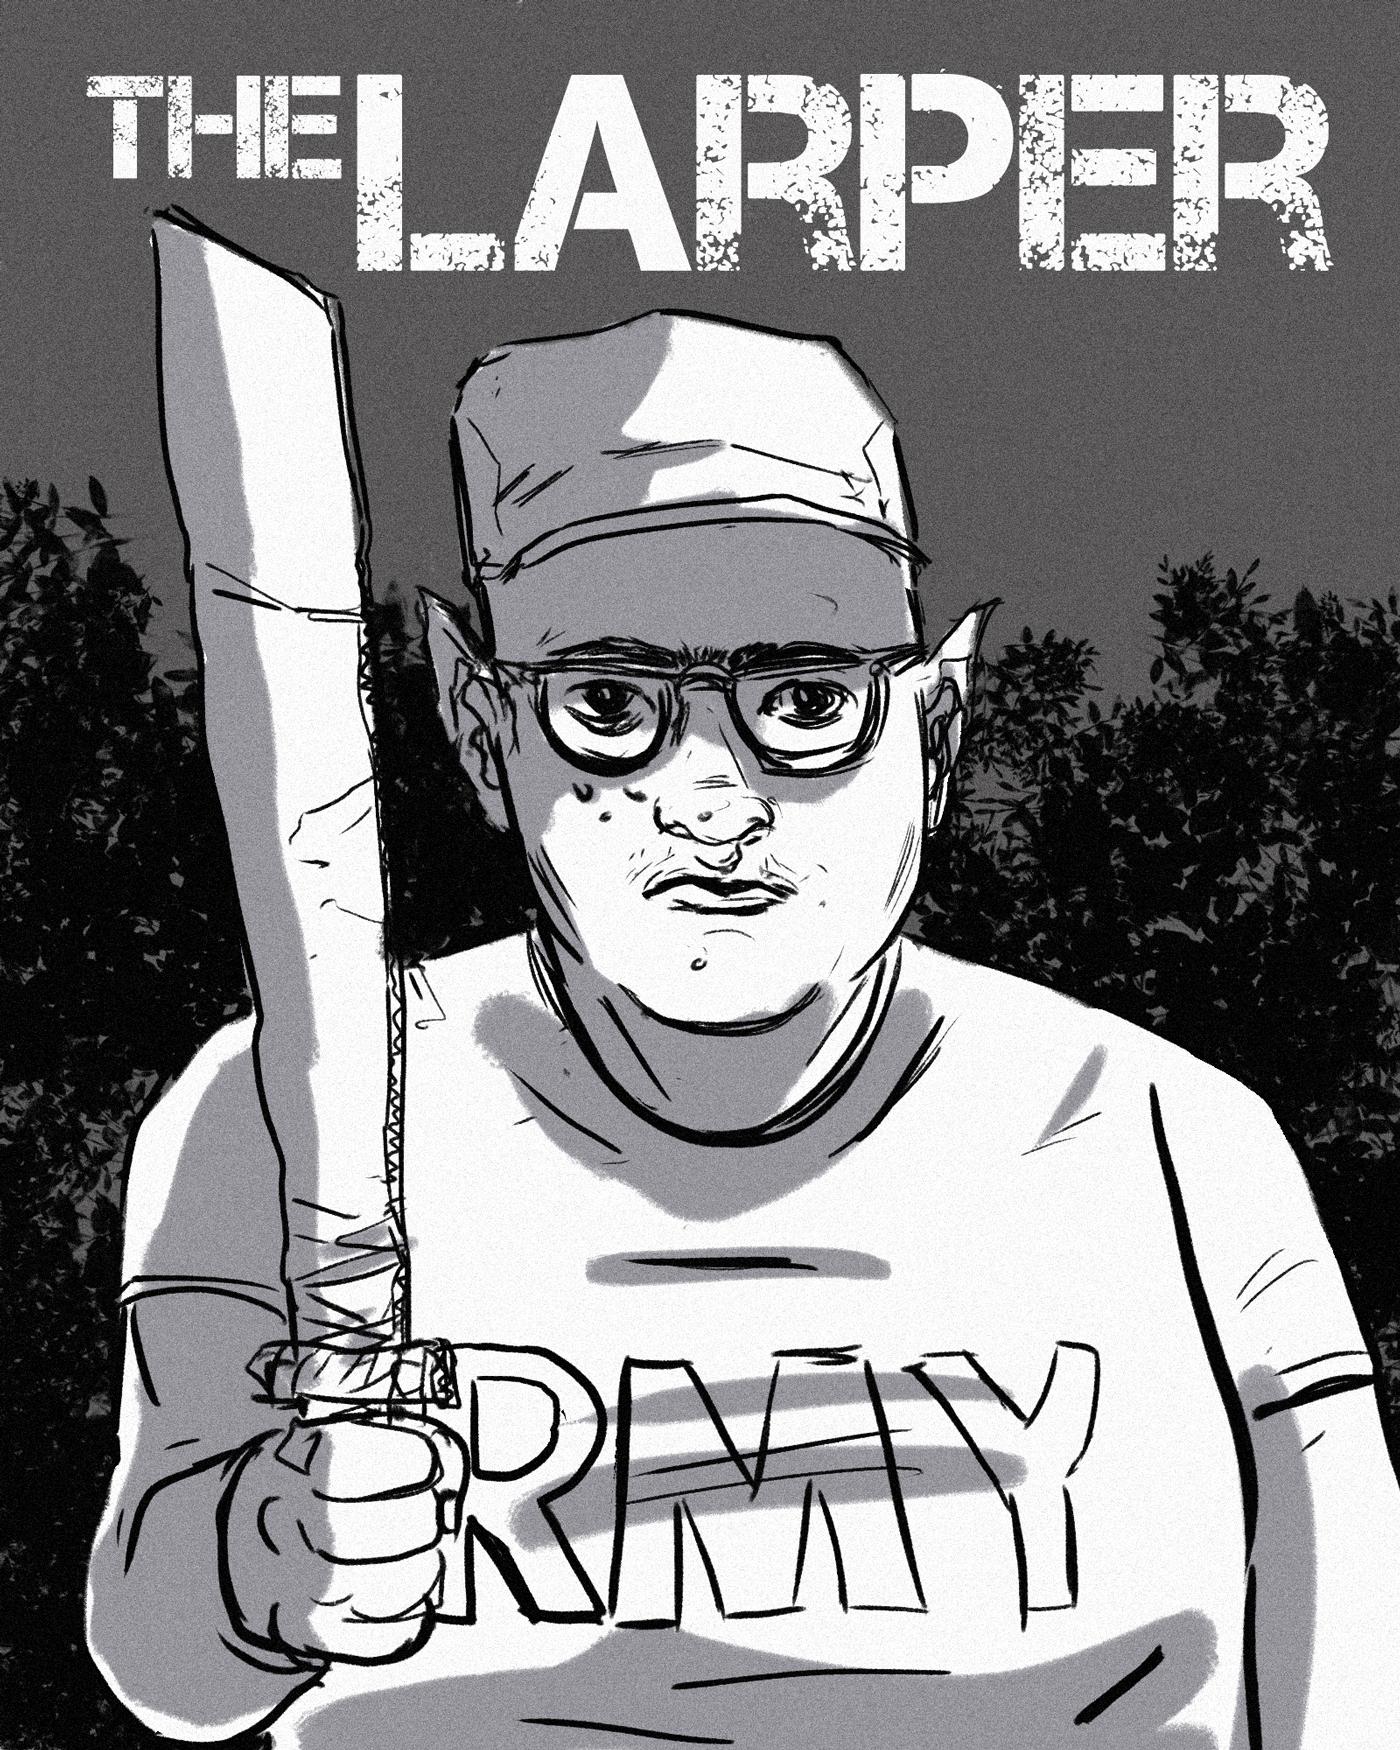 larper_01.jpg